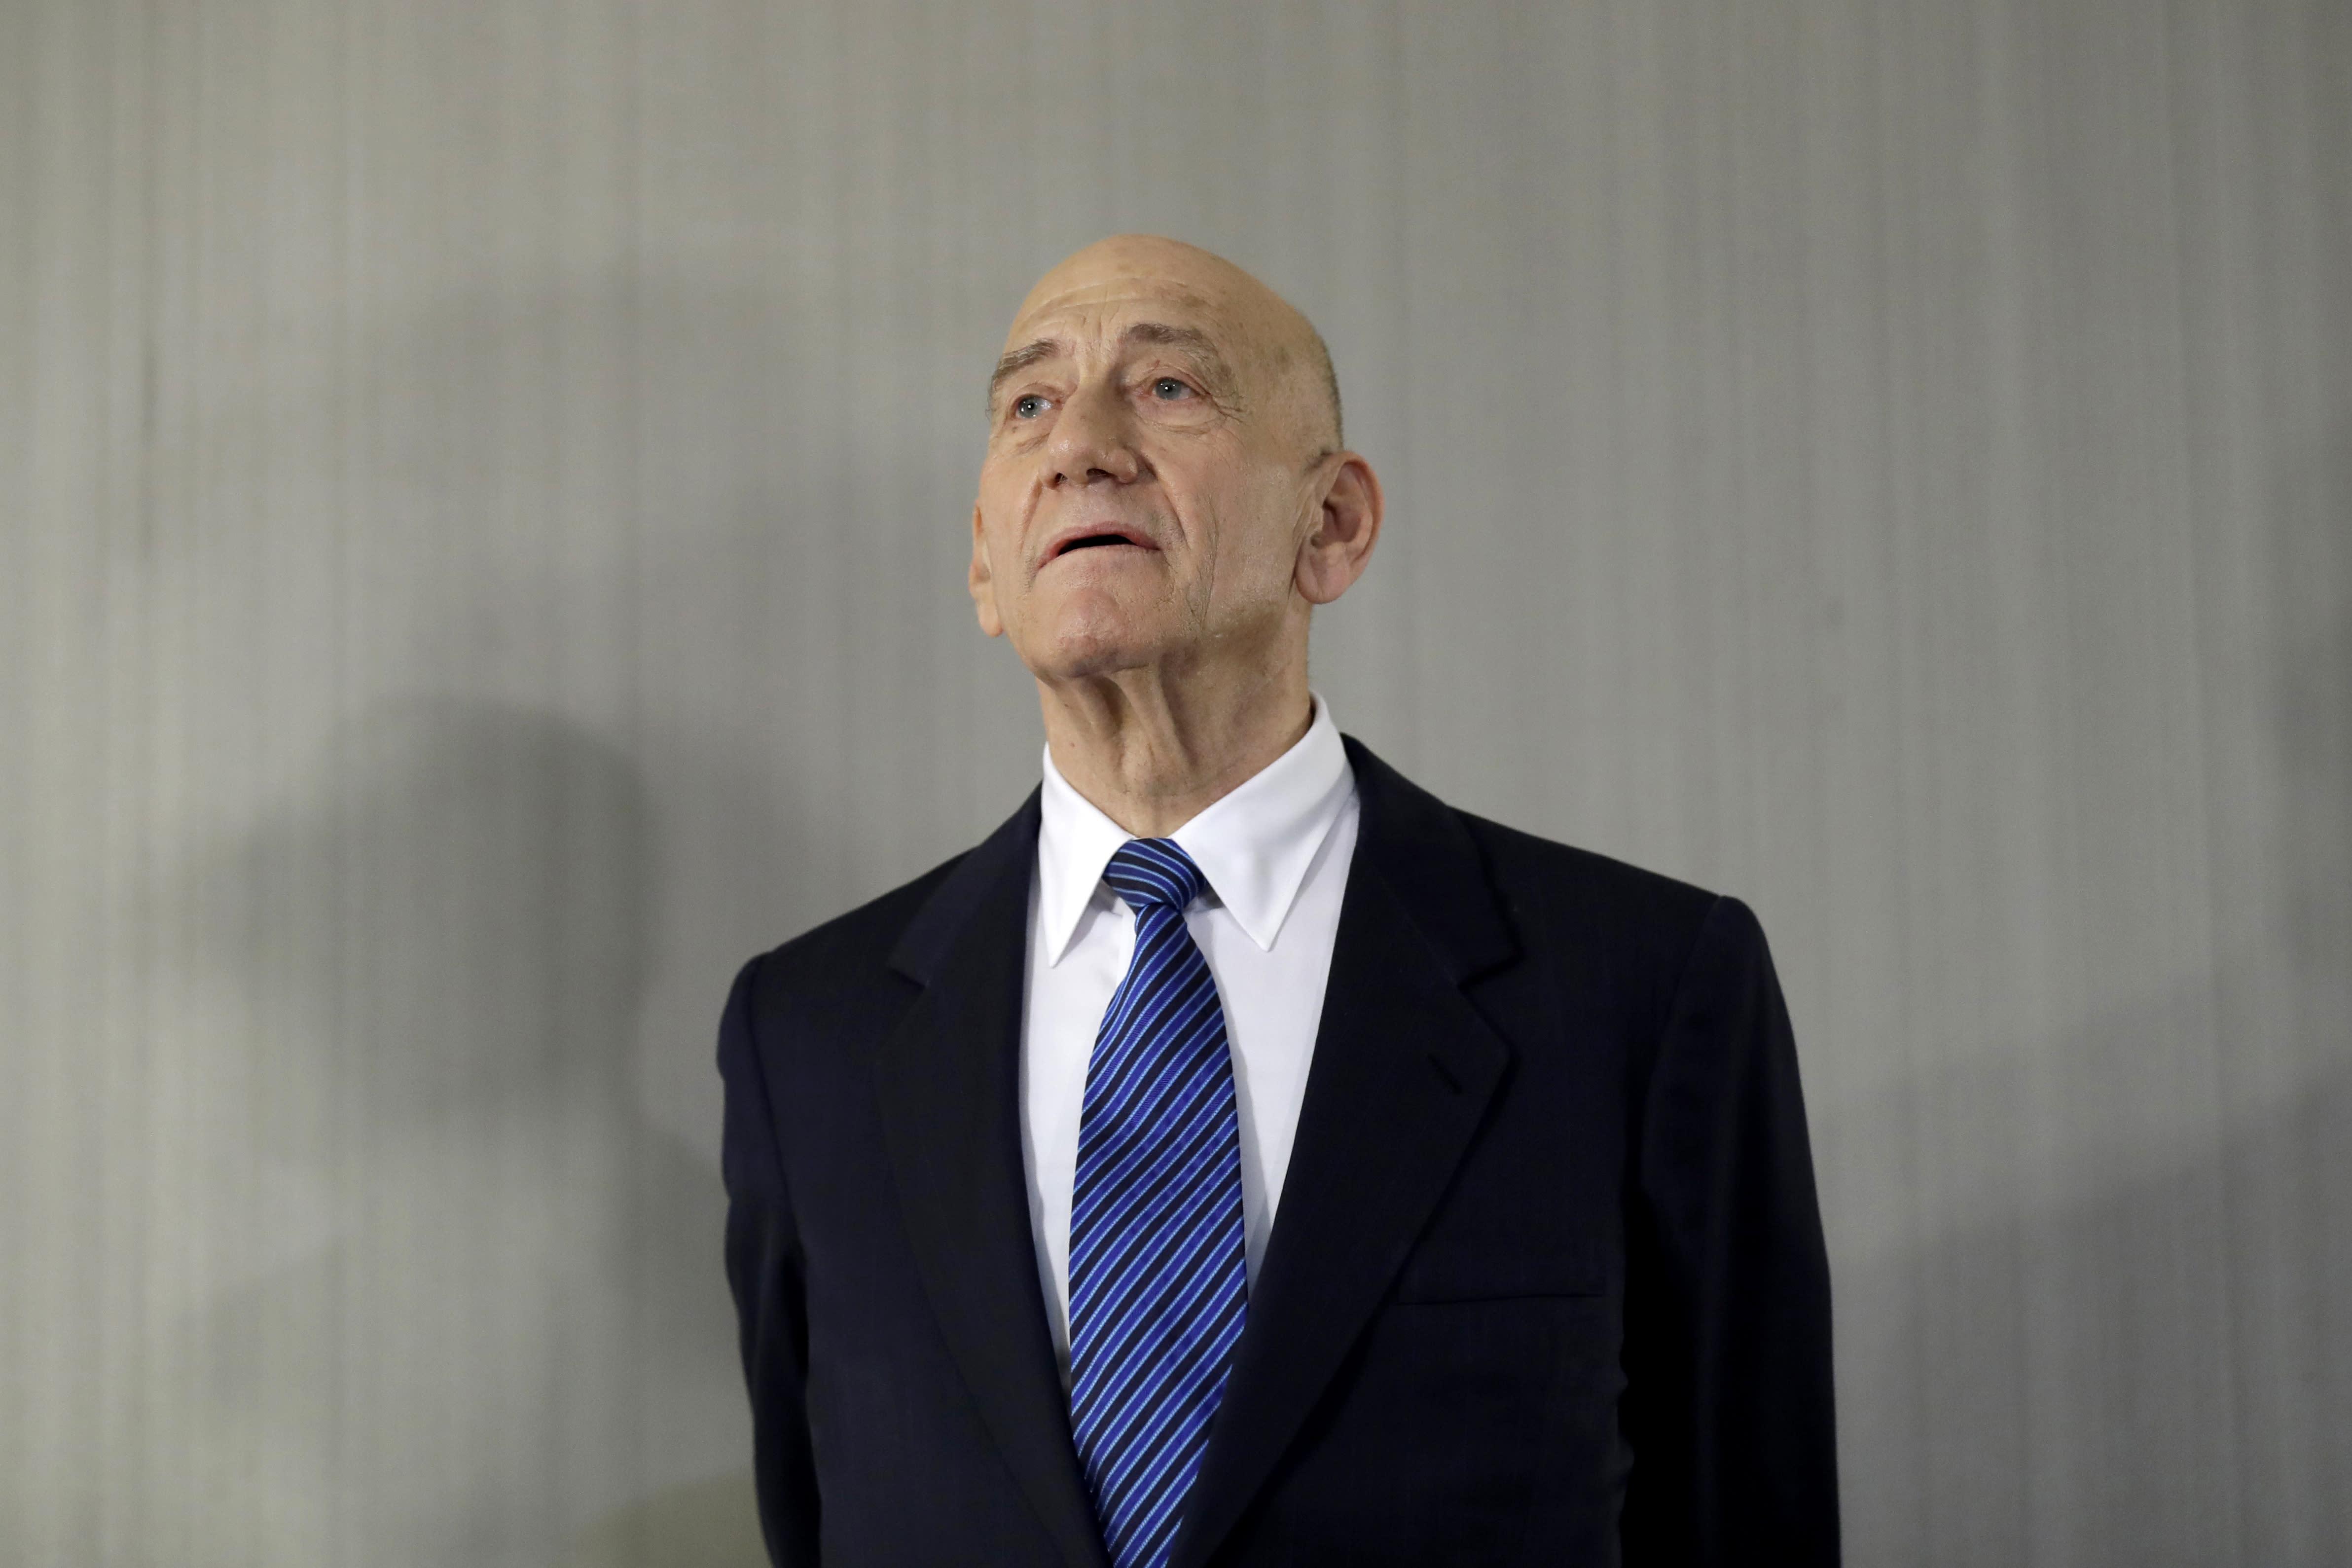 Israeli PM threatens defamation suit against predecessor